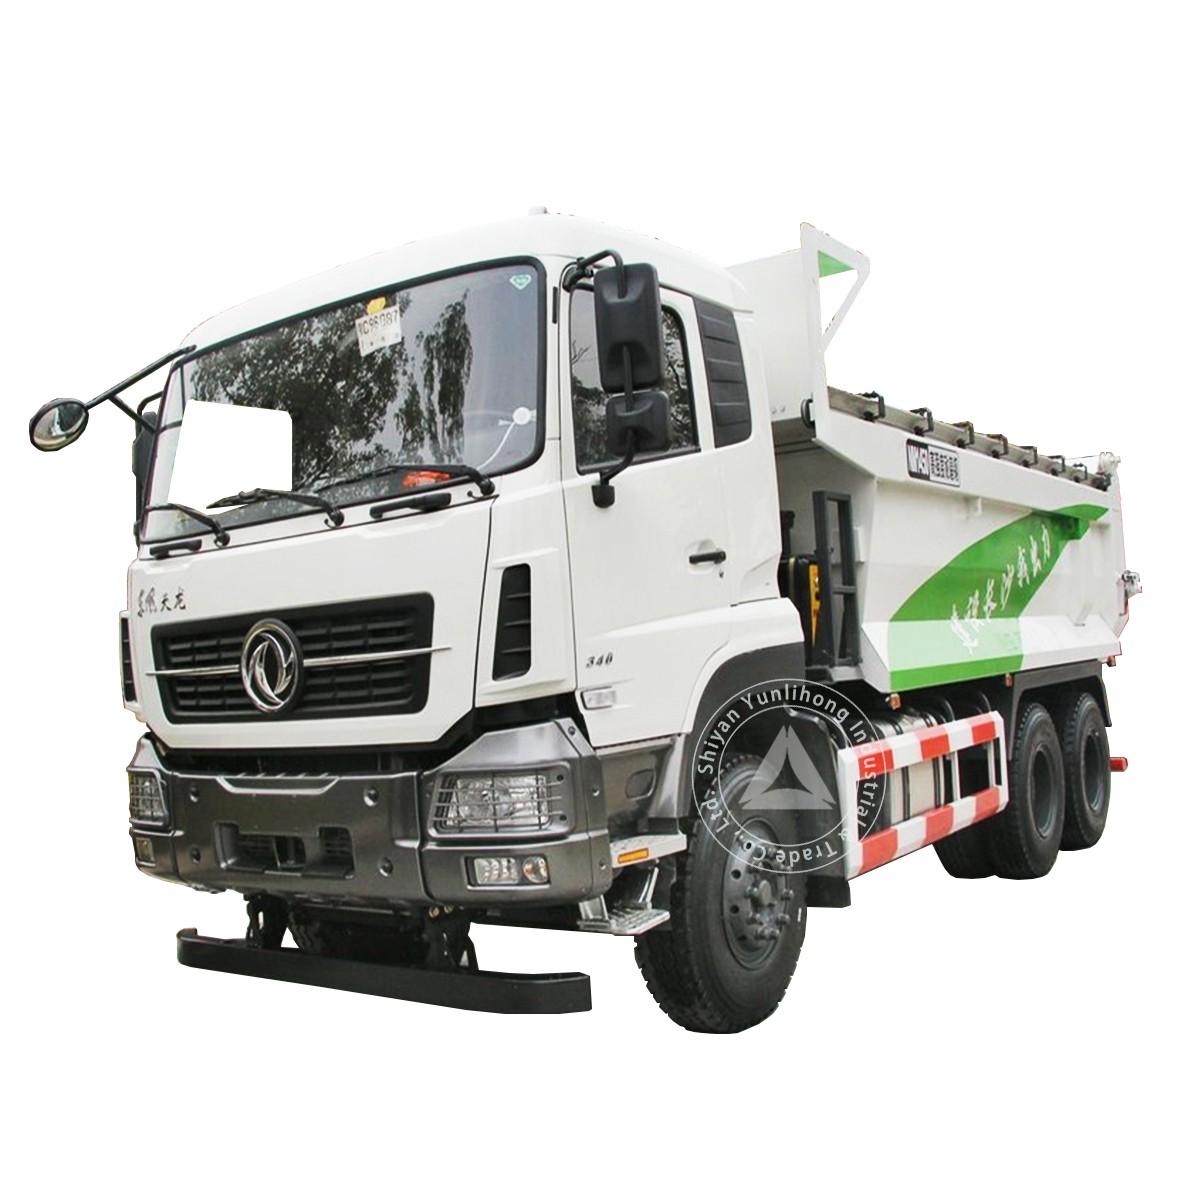 Camión volquete Dongfeng KC 6x4 GVW 33 Ton 15m3 a 20m3